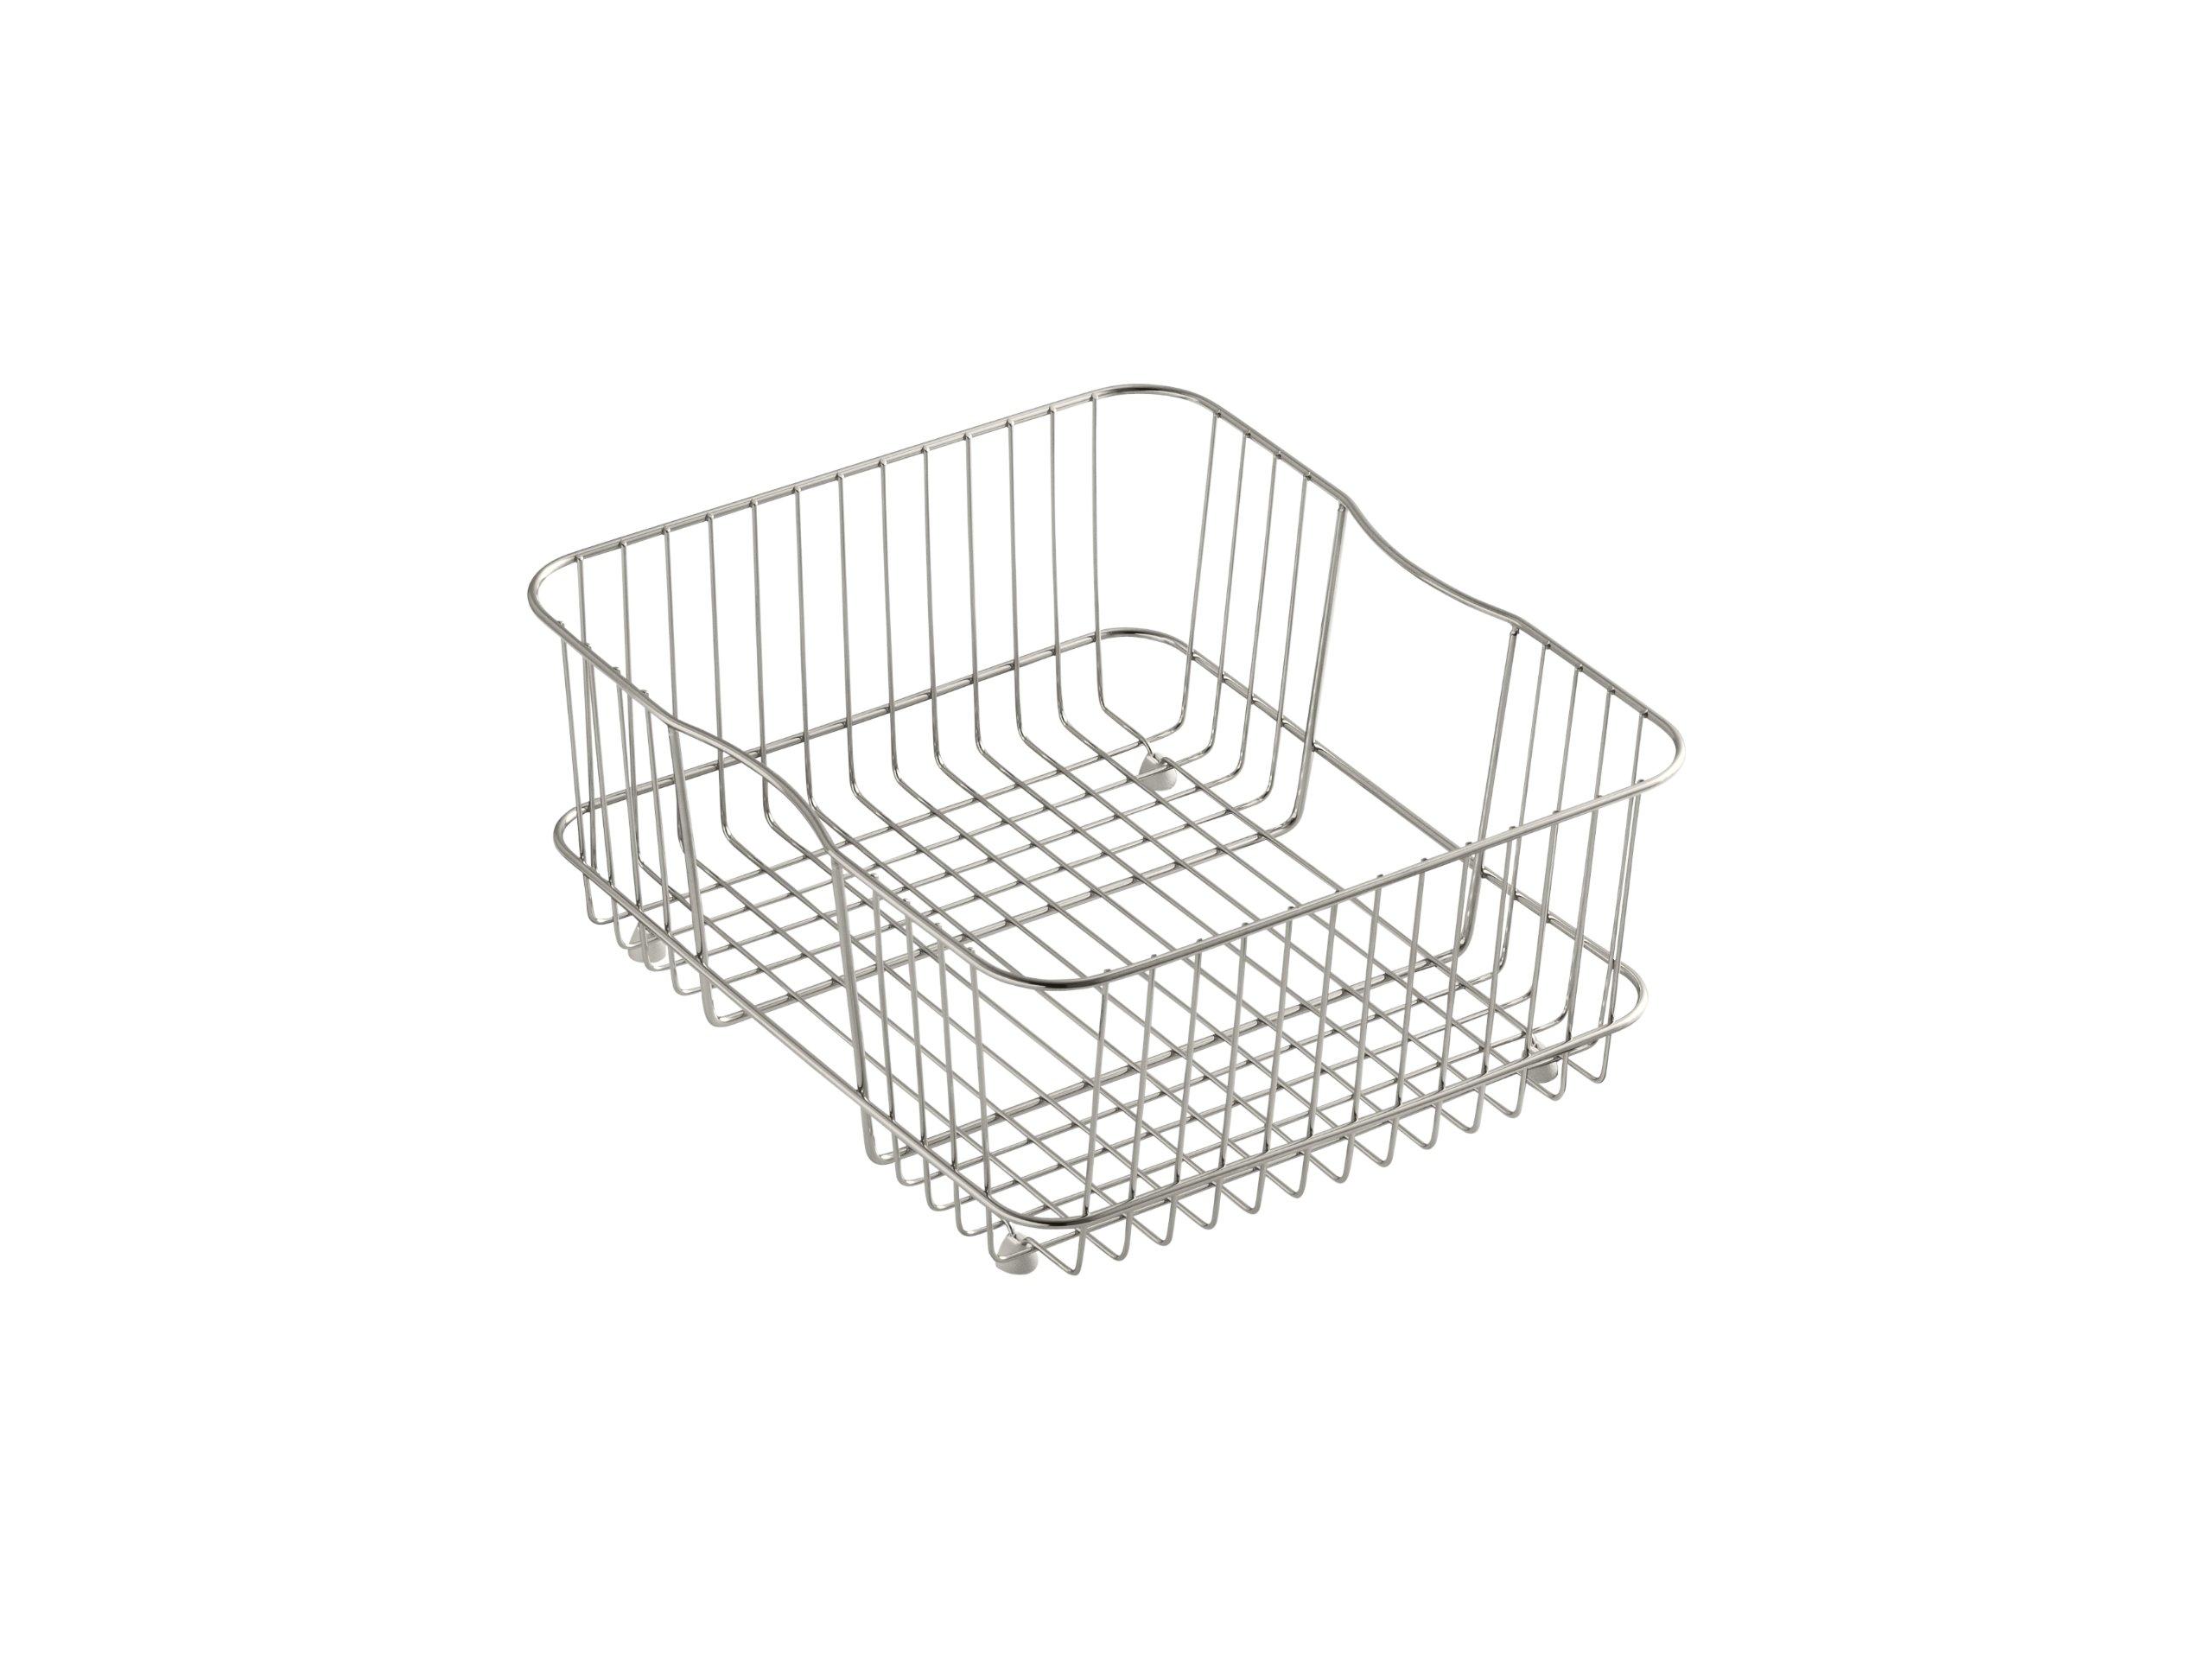 KOHLER K-3277-ST Coated Wire Rinse Basket, Stainless Steel by Kohler